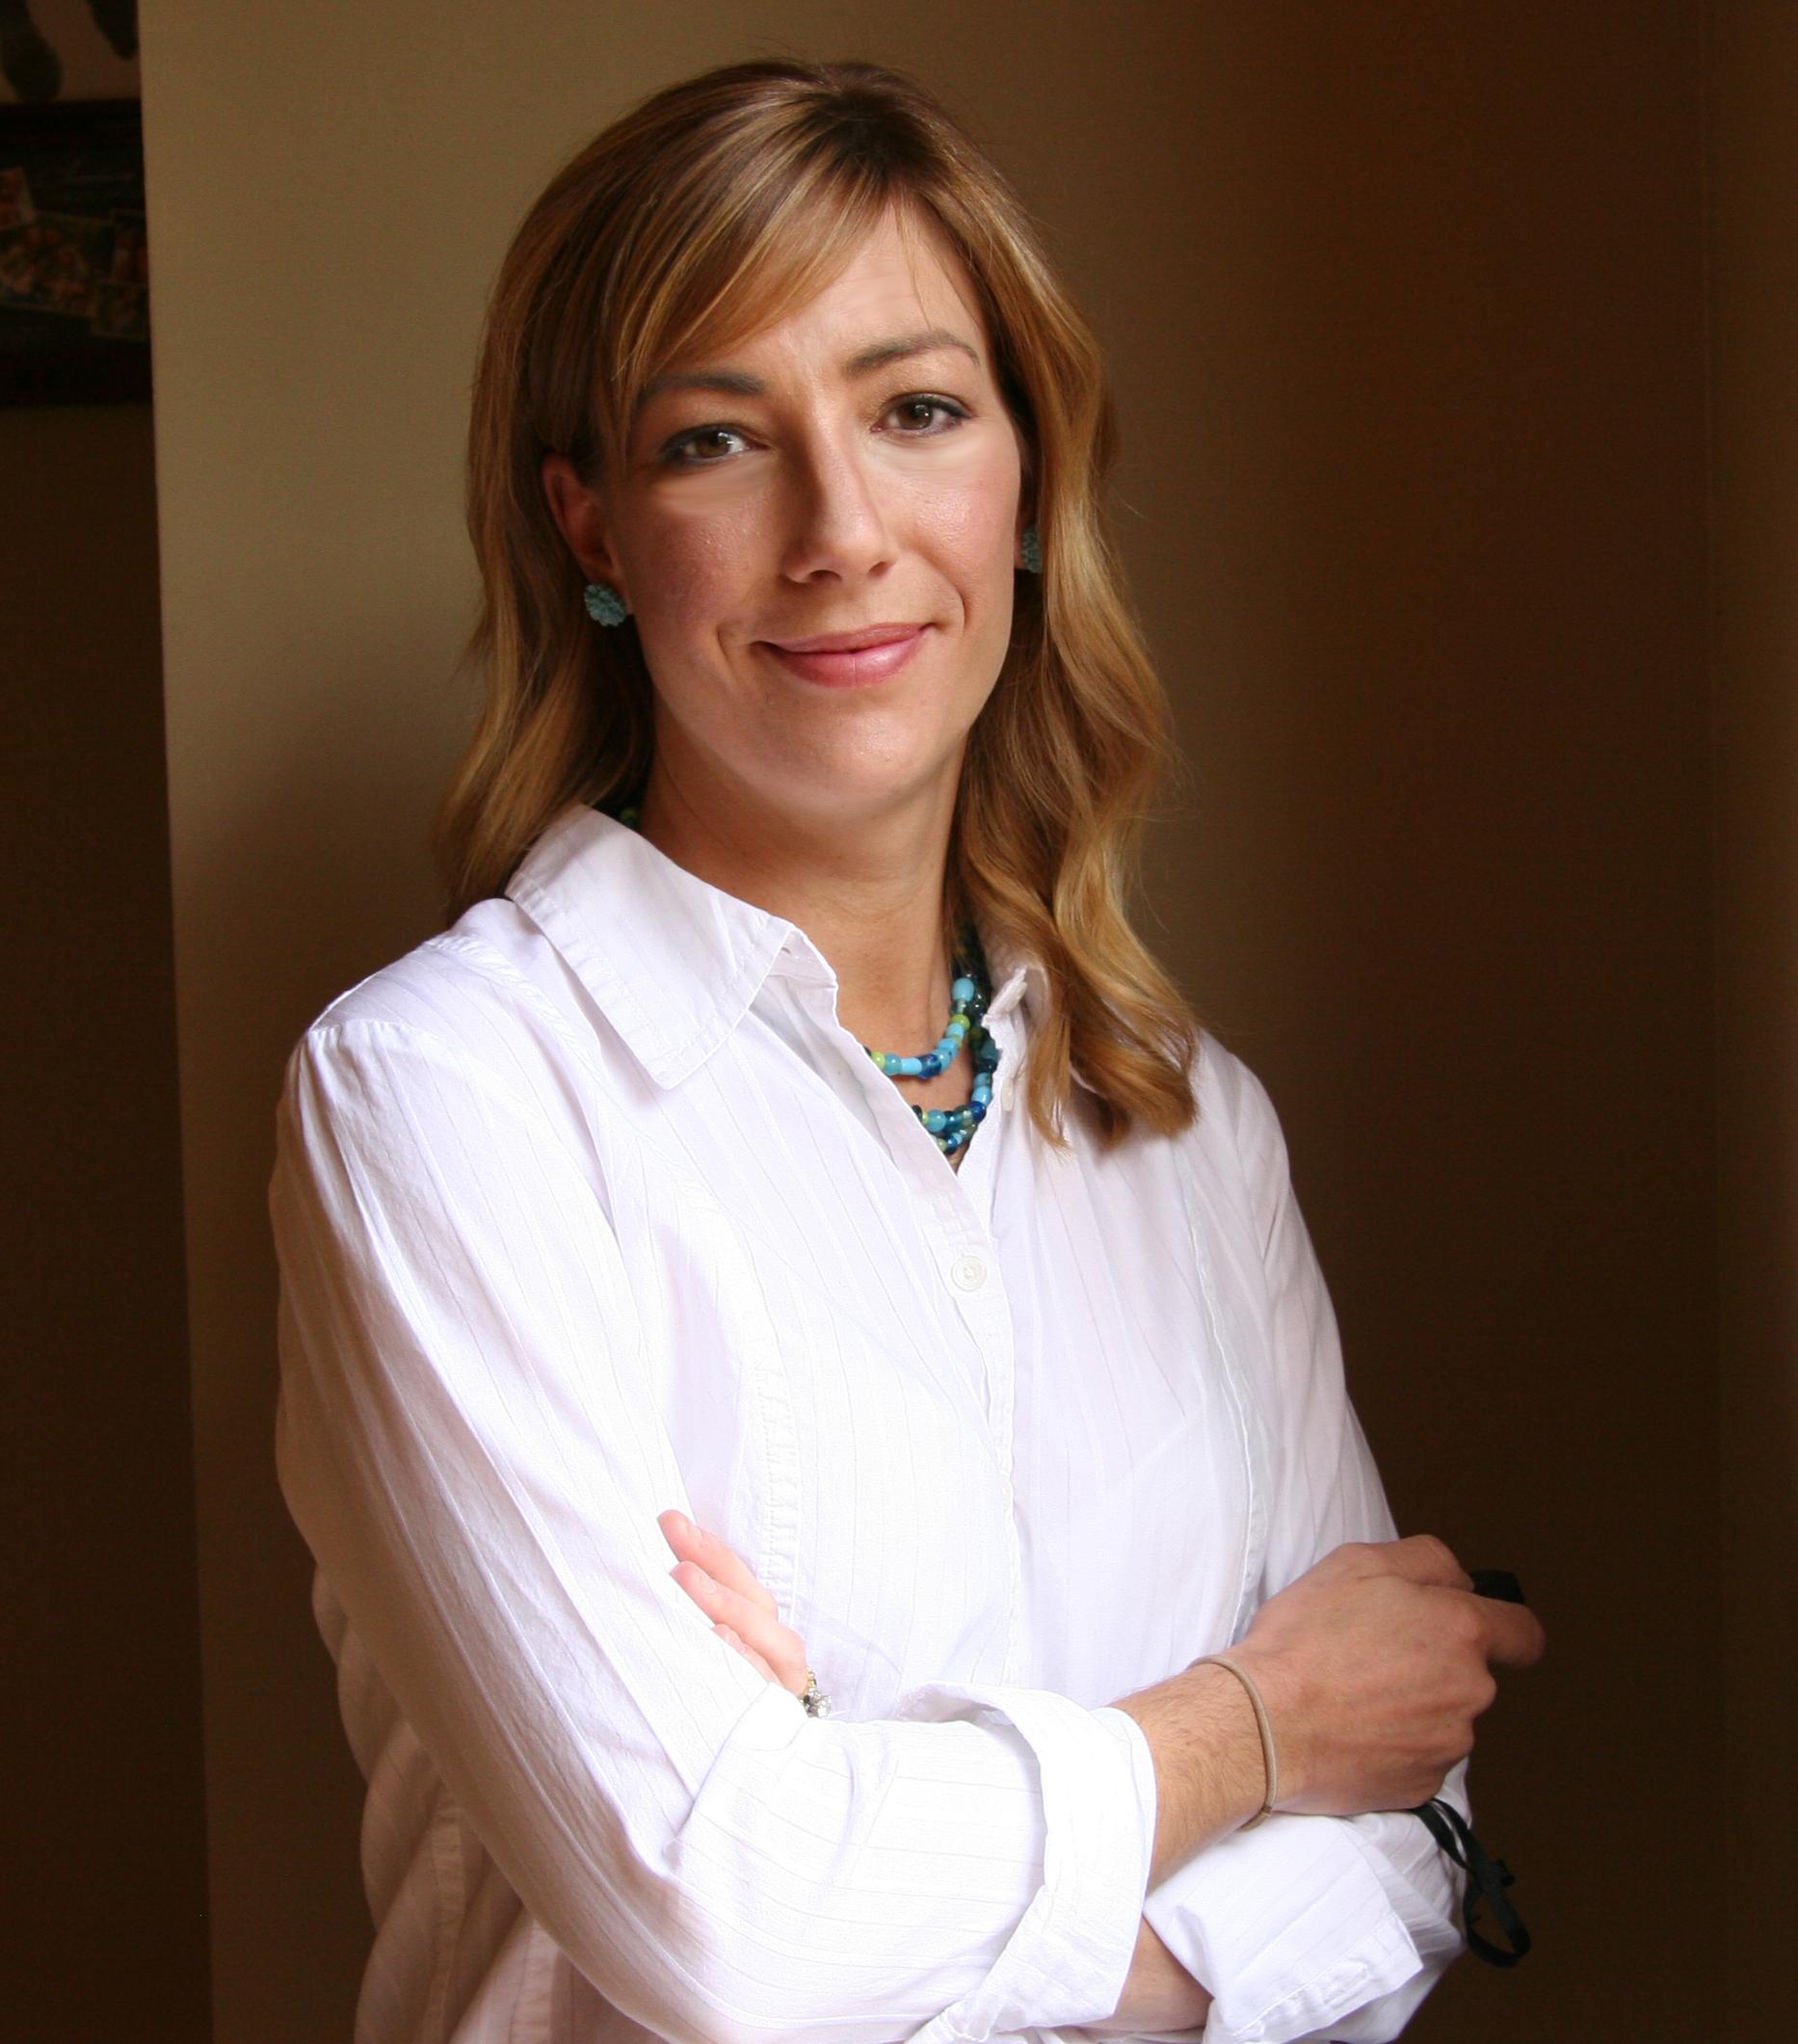 Image of Laura H. Belanger